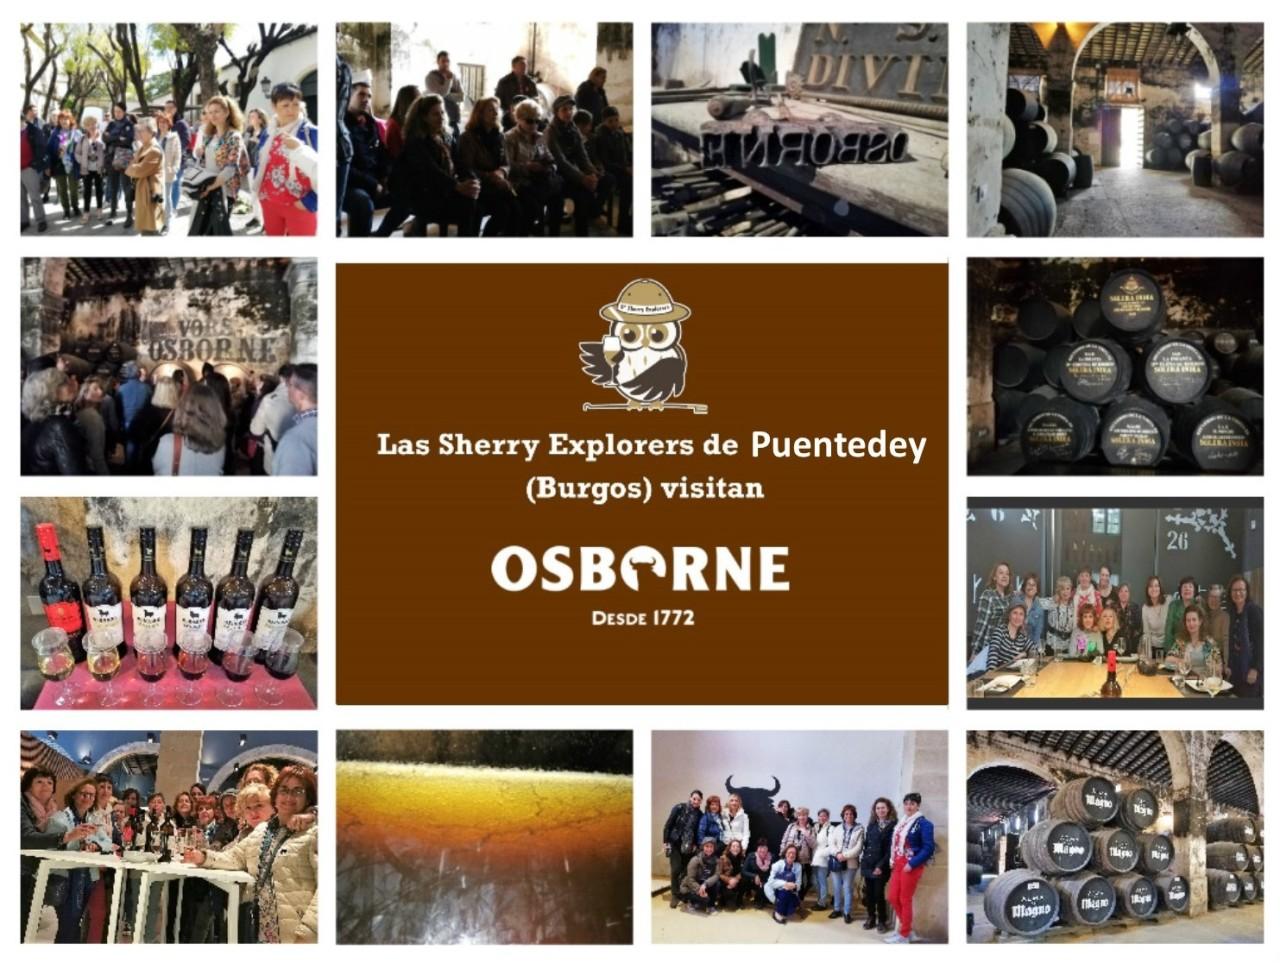 Las Sherry Explorers de Puentedey visitan Bodegas Osborne/The Puente Dei Sherry Explorers visit the OsborneWinery